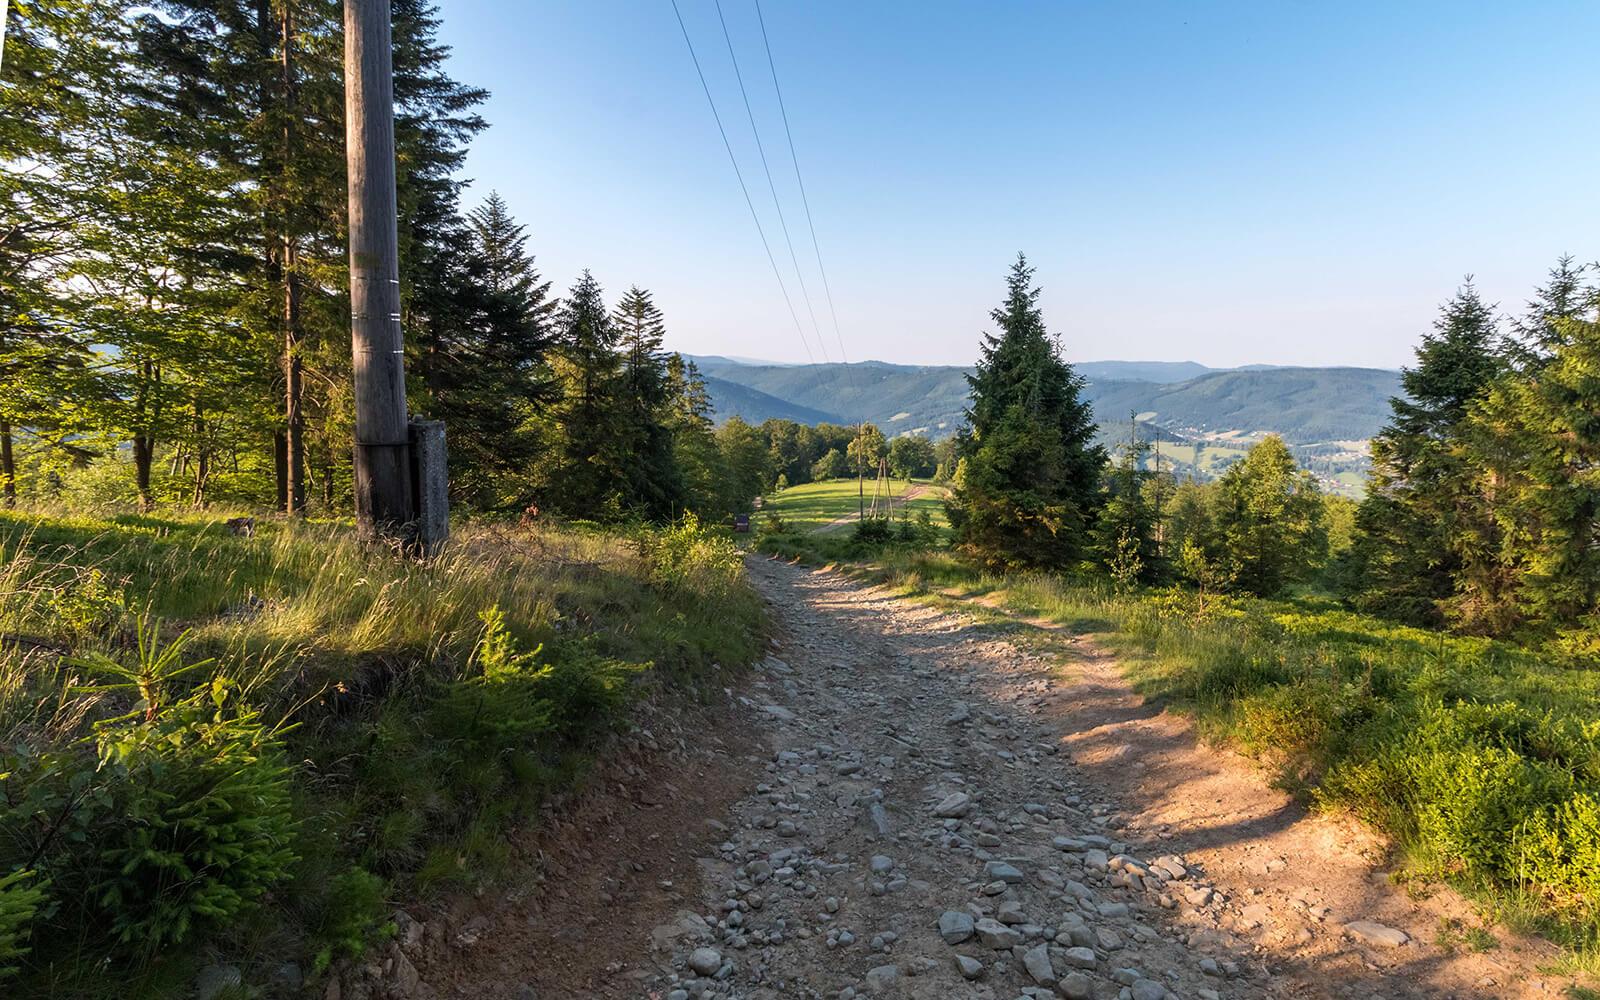 Zielony górski szlak pieszy wBrennej, widok namiasto